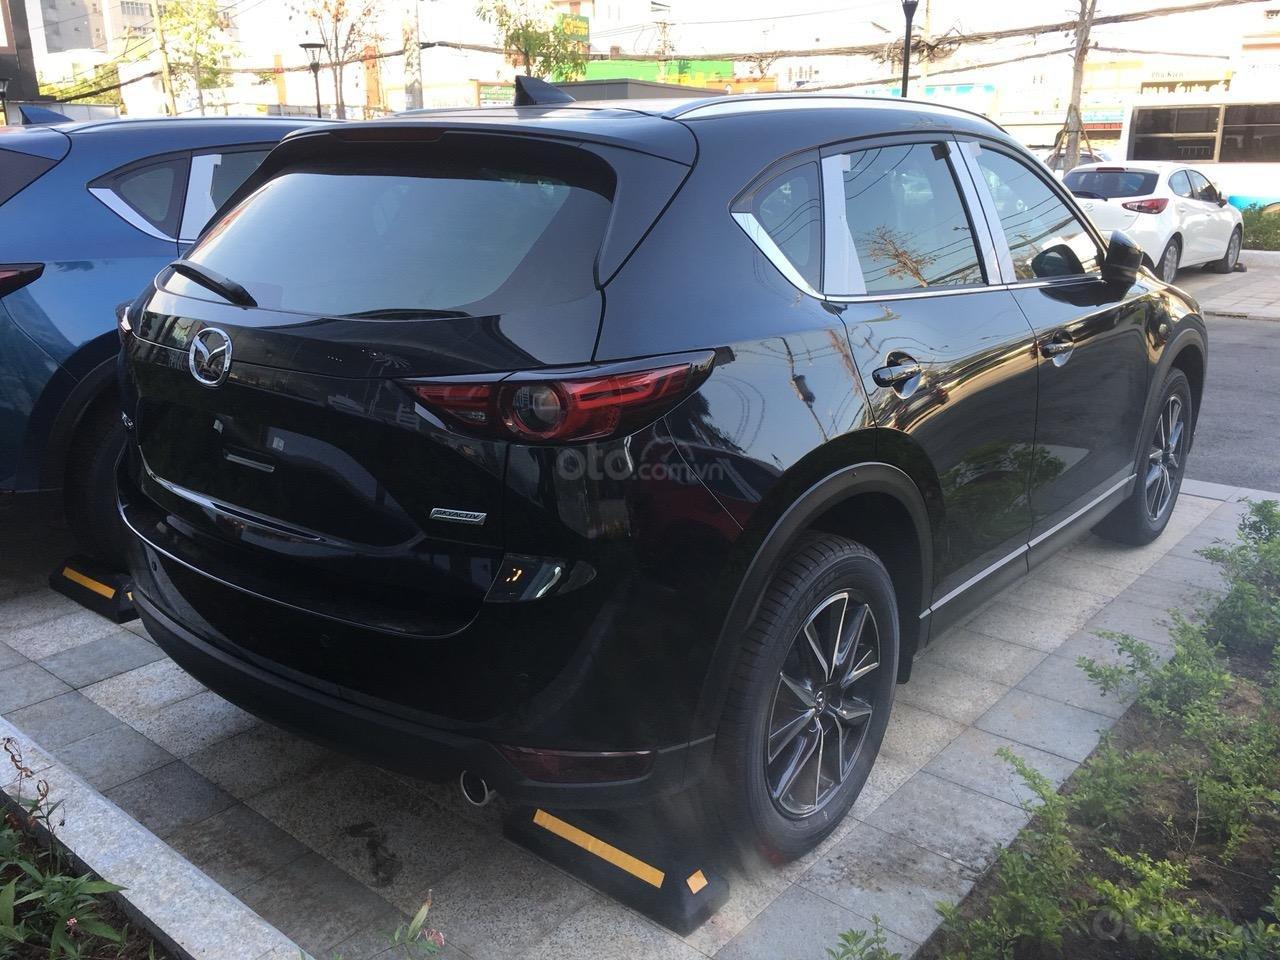 Mazda CX5 2.5L giá từ 949tr, đủ màu, đủ phiên bản có xe giao ngay, liên hệ ngay với chúng tôi để được ưu đãi tốt nhất (3)